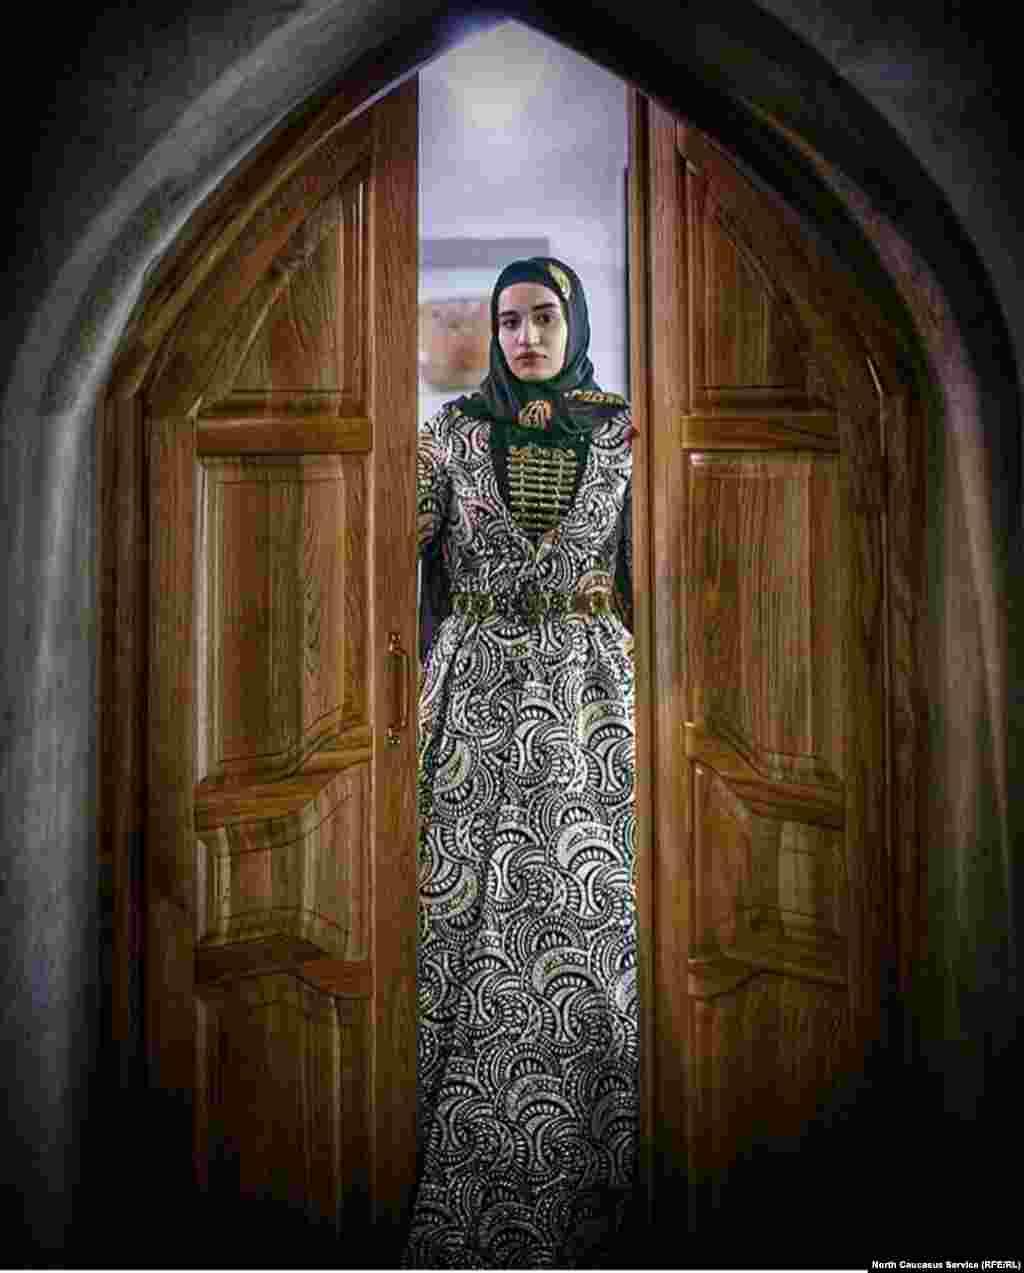 В Дагестане проживает десятки народностей и у каждого свой уникальный костюм, по которым можно узнать представительницу той или иной национальности. Но есть общие детали в одежде